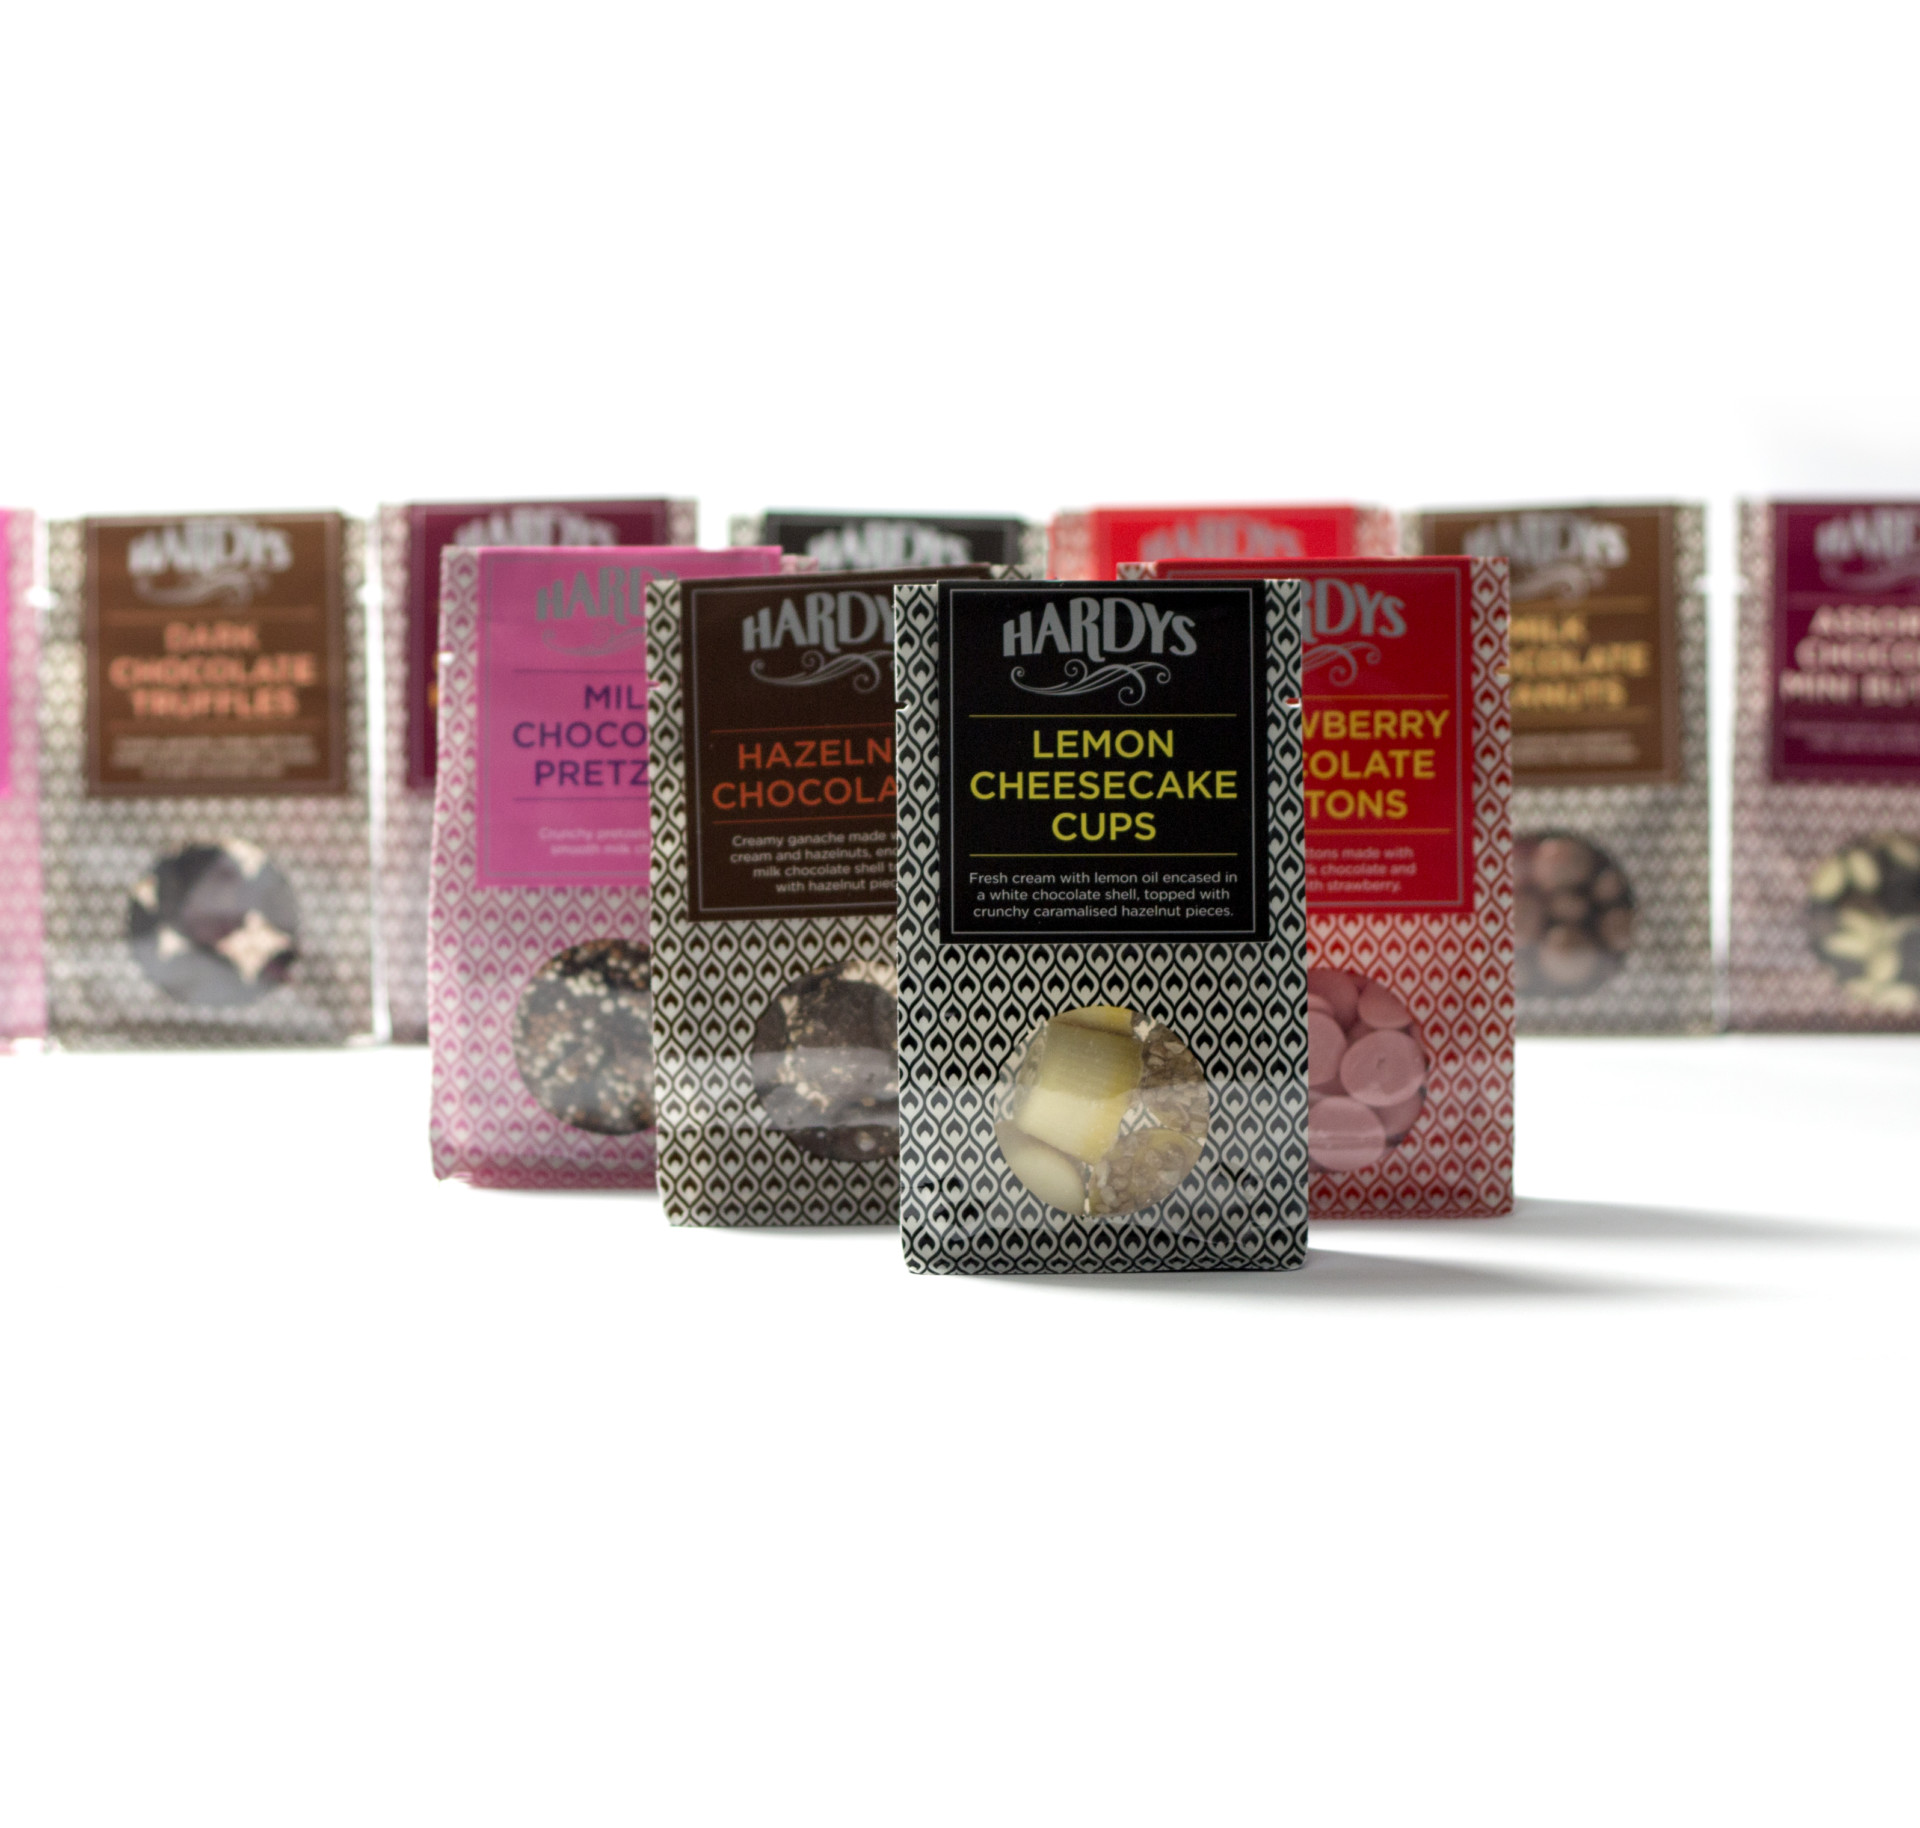 Für Chocolatier Hardys ist der Schur®Star Box Bag auffallend anders